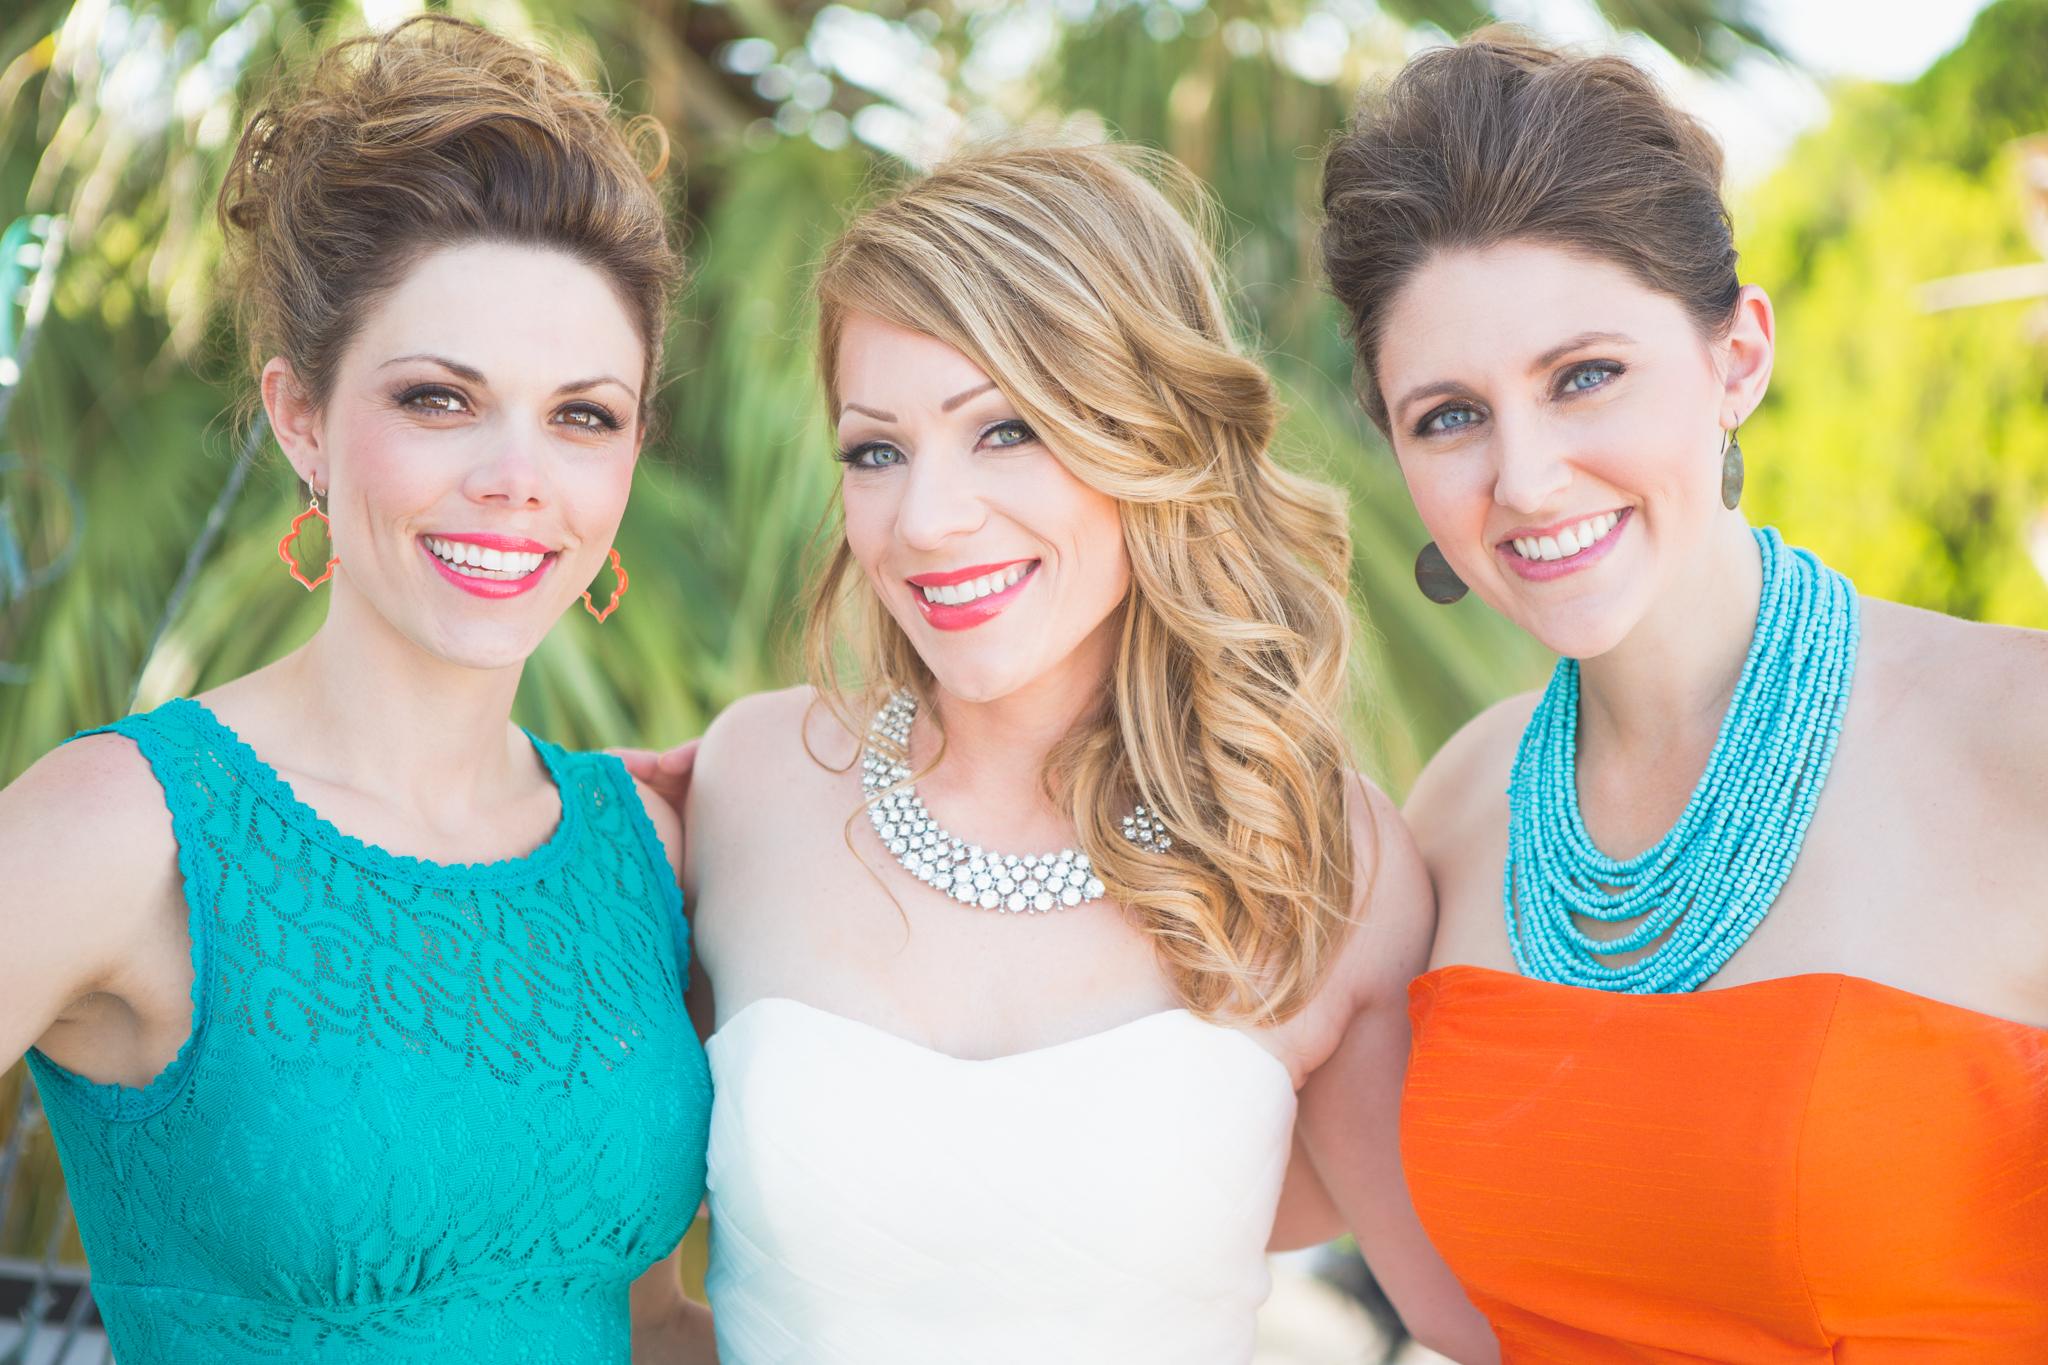 scottsdale-wedding-photographer-el-dorado-bride-bridesmaids-colorful